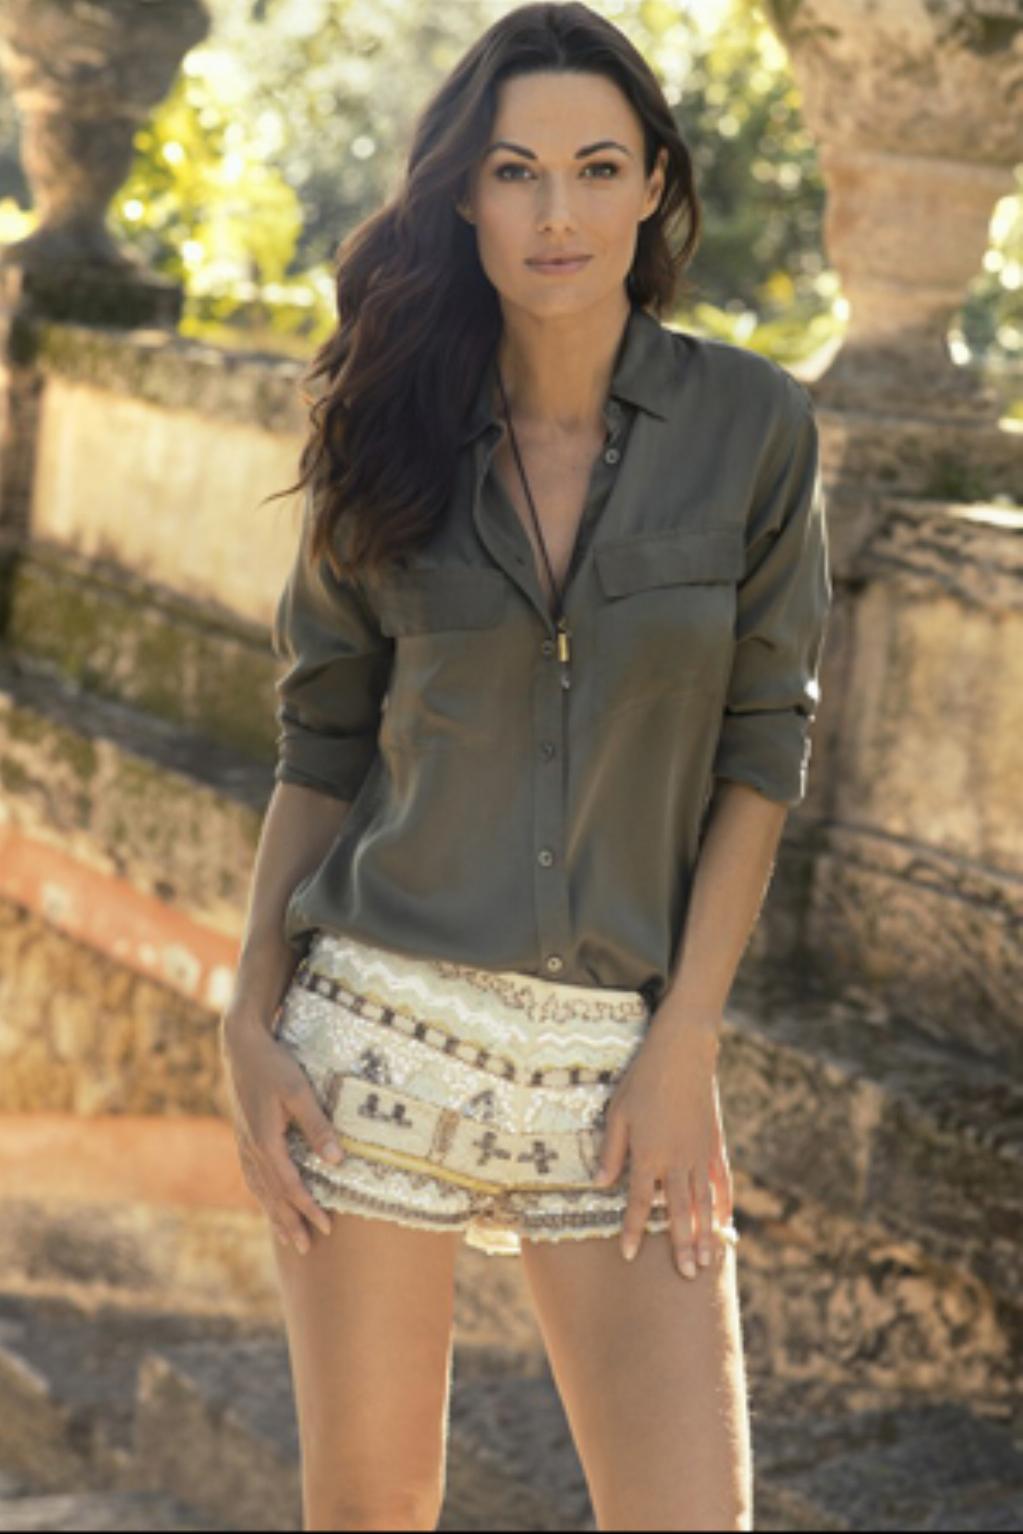 Ioanna Papadimitriou 717 (42).jpg